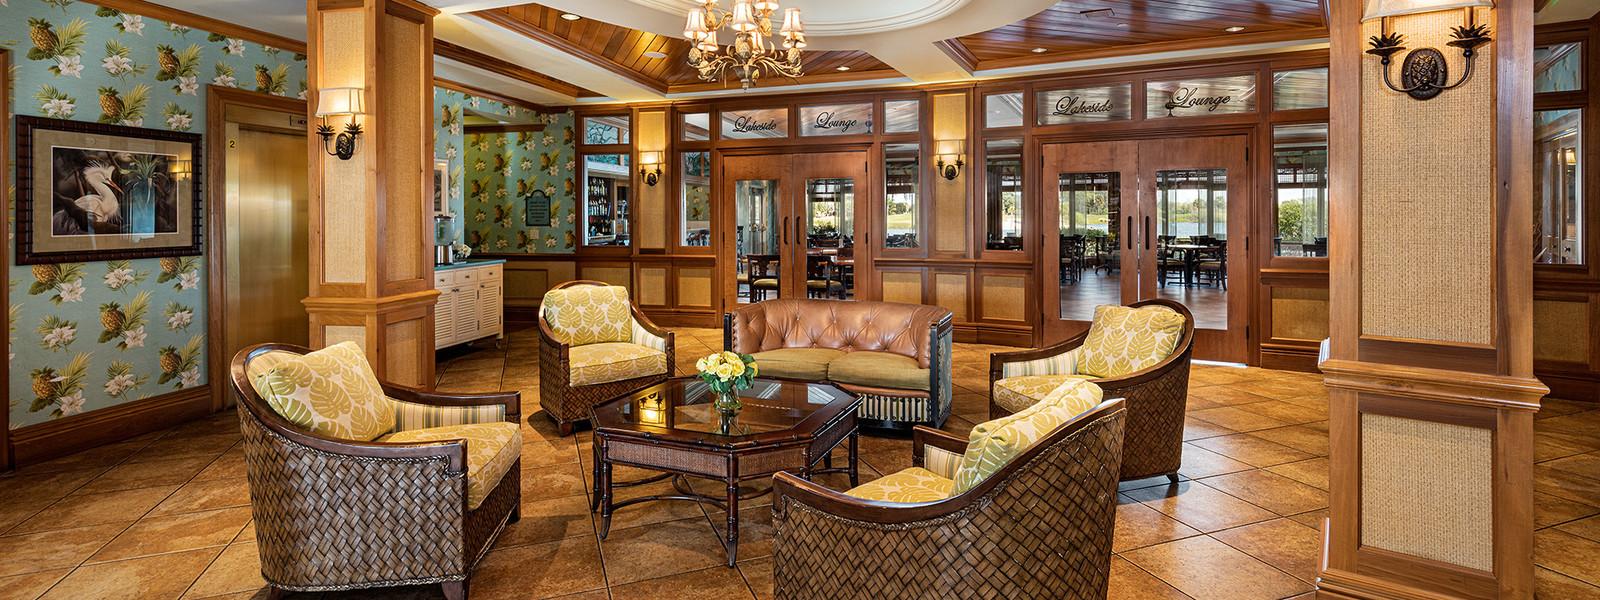 Waterfront Inn Lobby